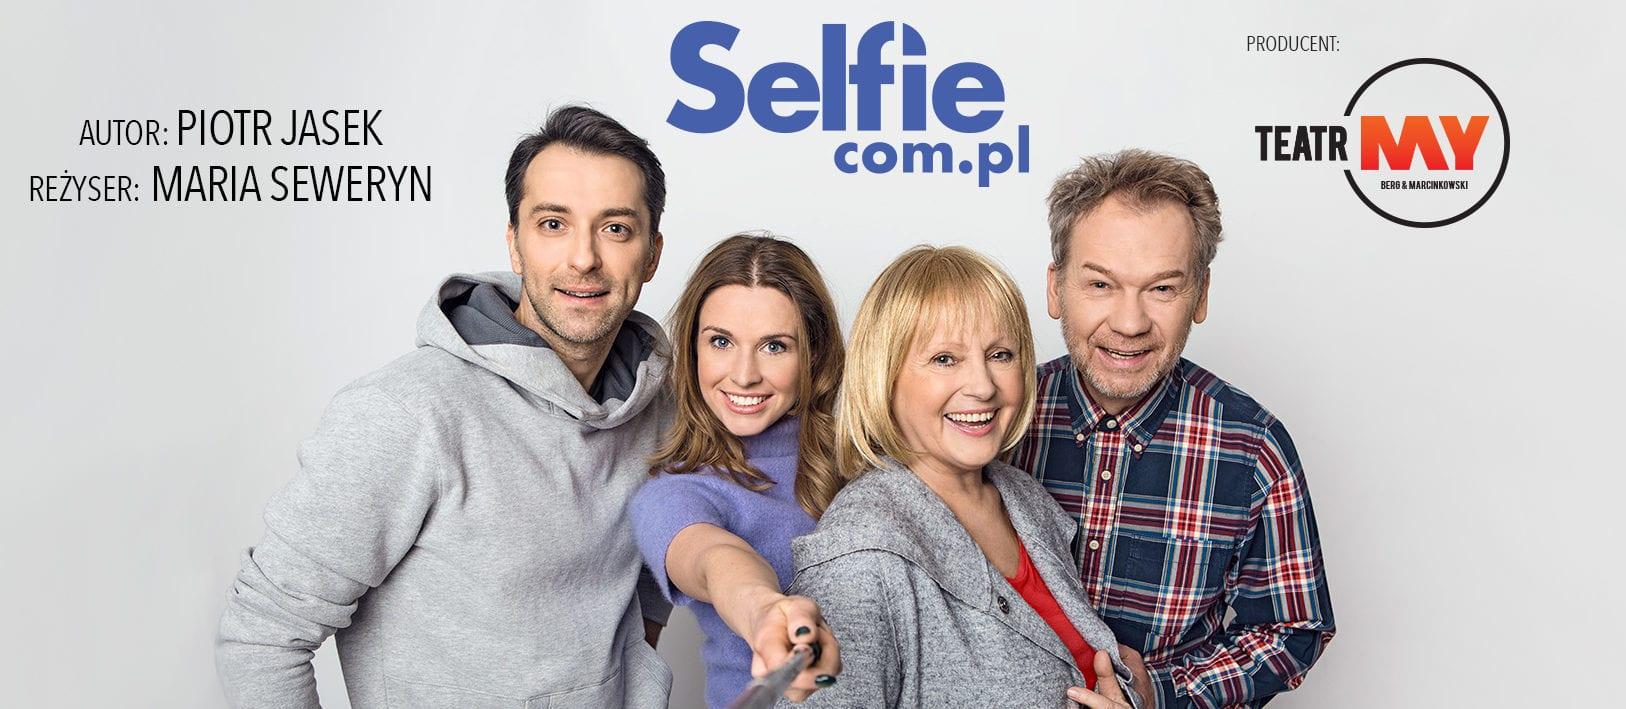 Selfie.com.pl – recenzja